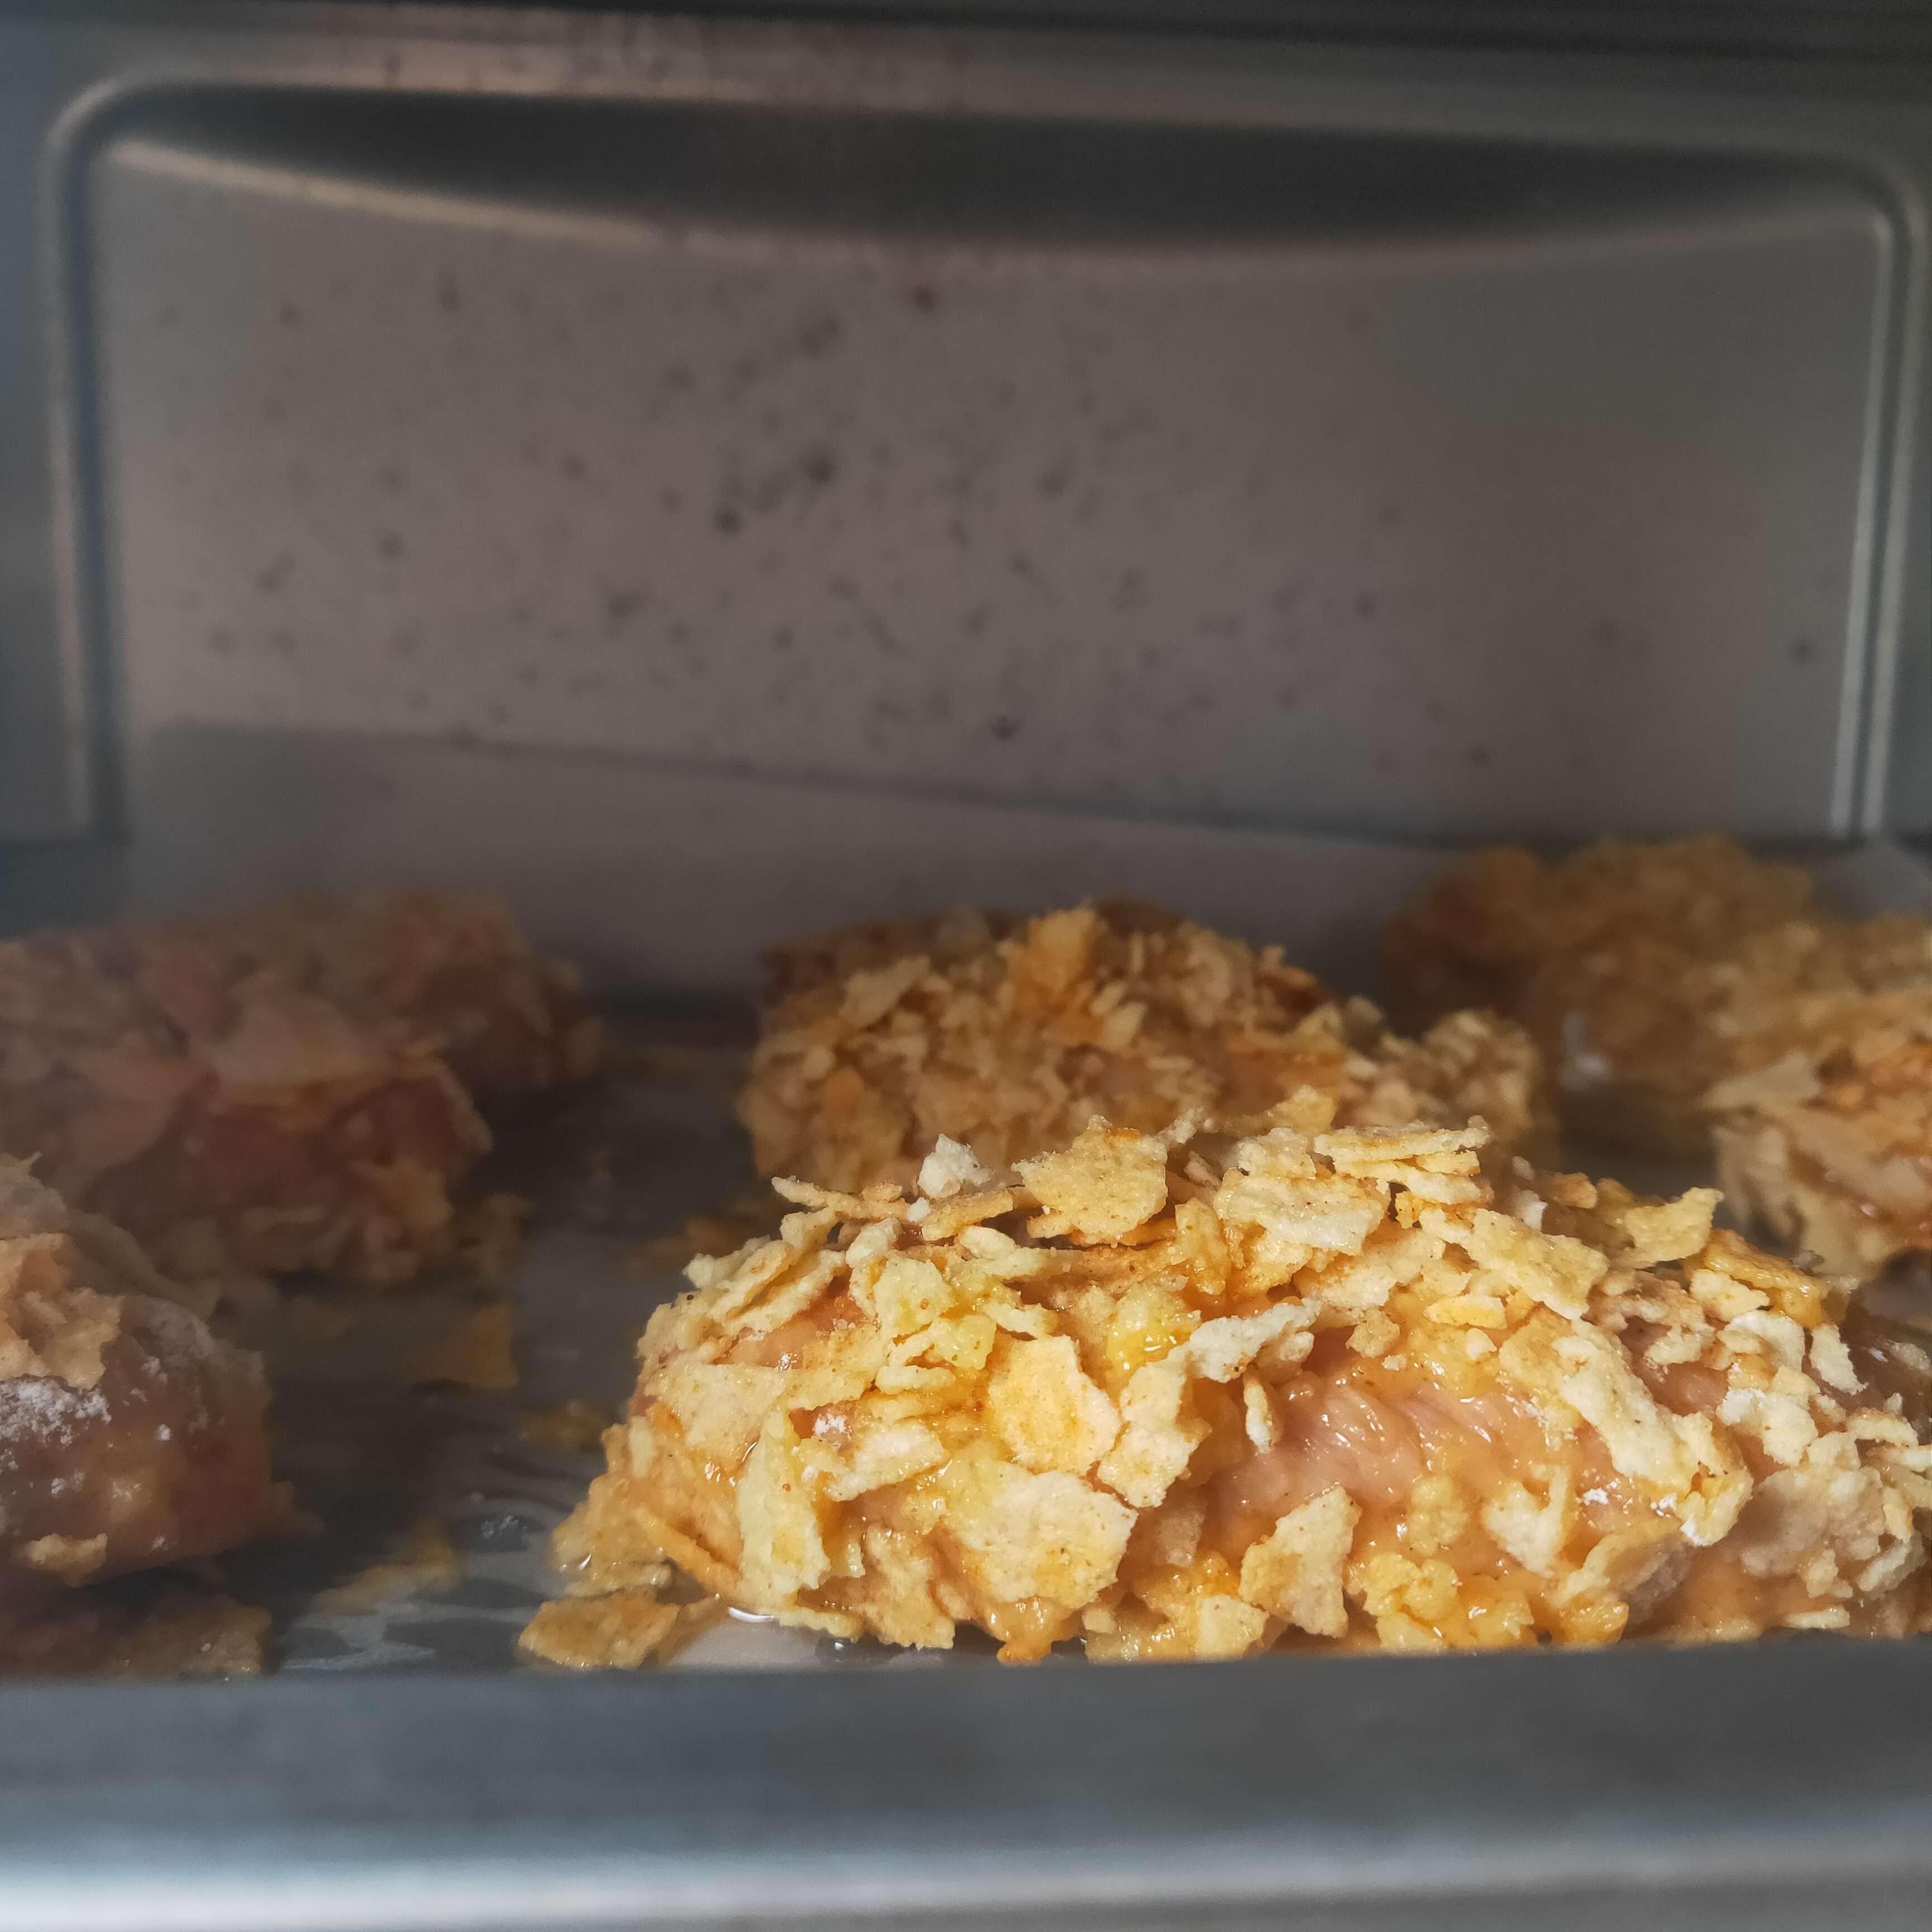 薯片鸡翅怎么煮